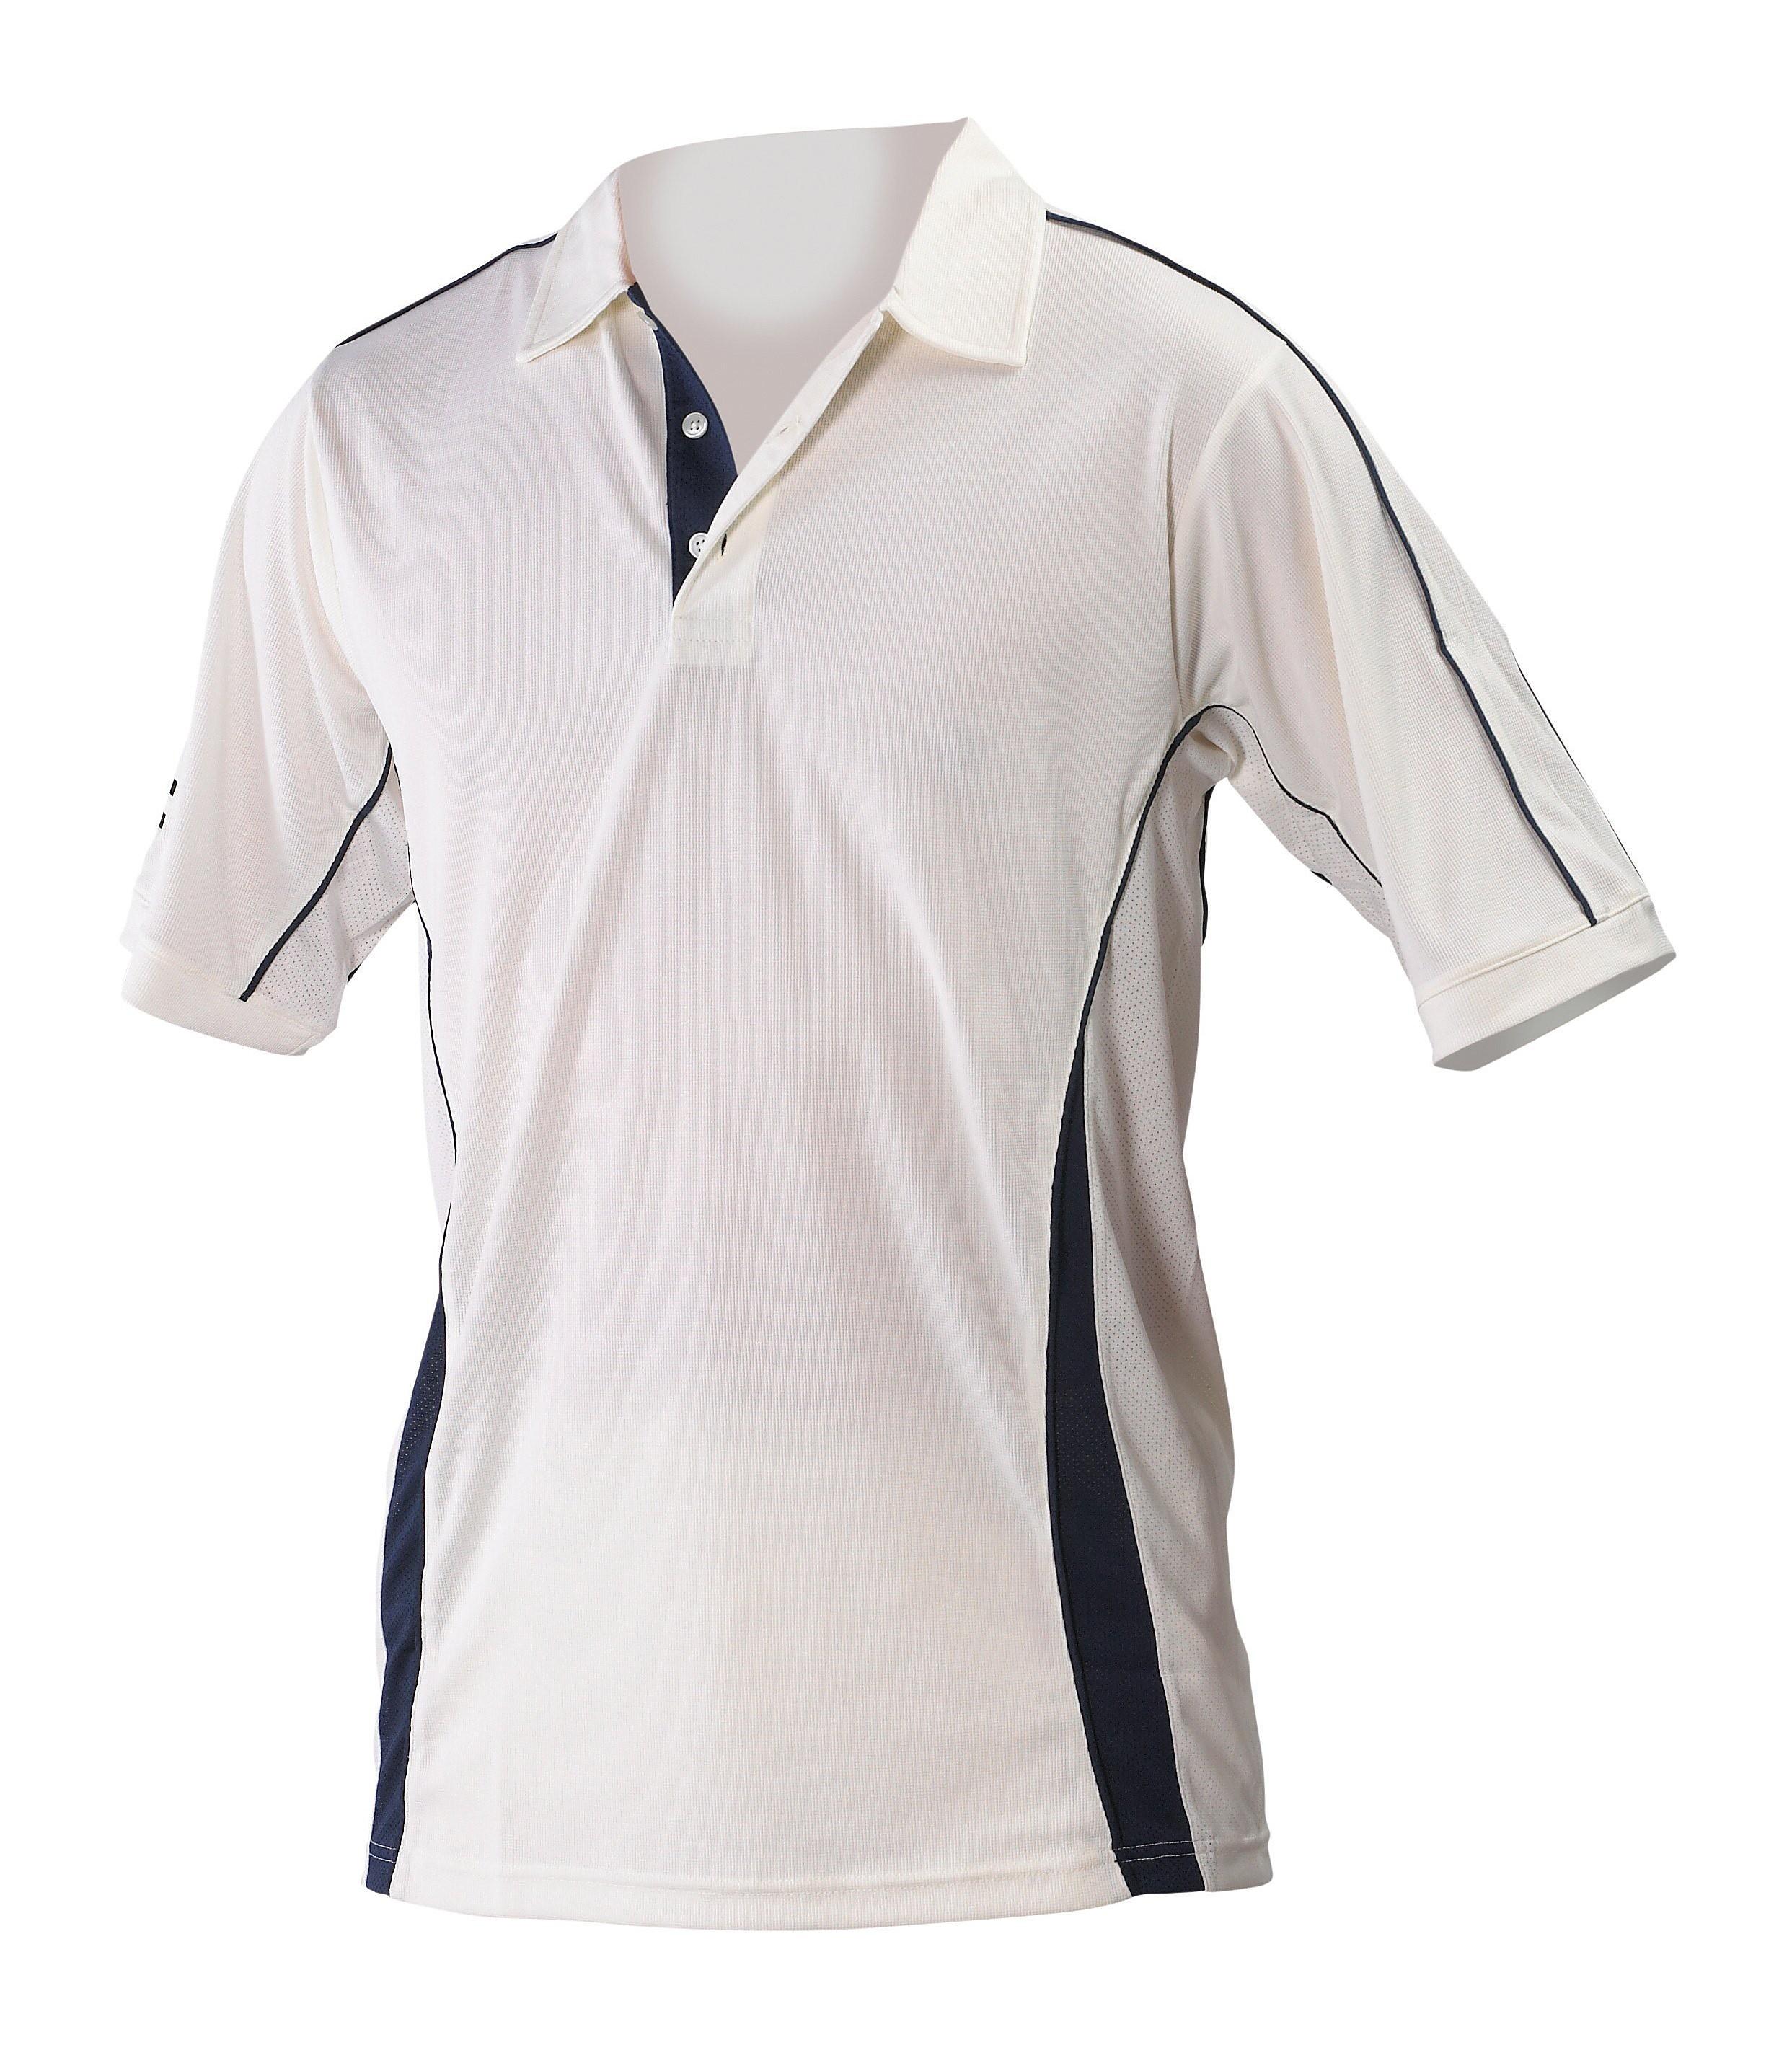 Gray Nicolls GRAY-NICOLLS Junior Players Short Sleeve Shirt